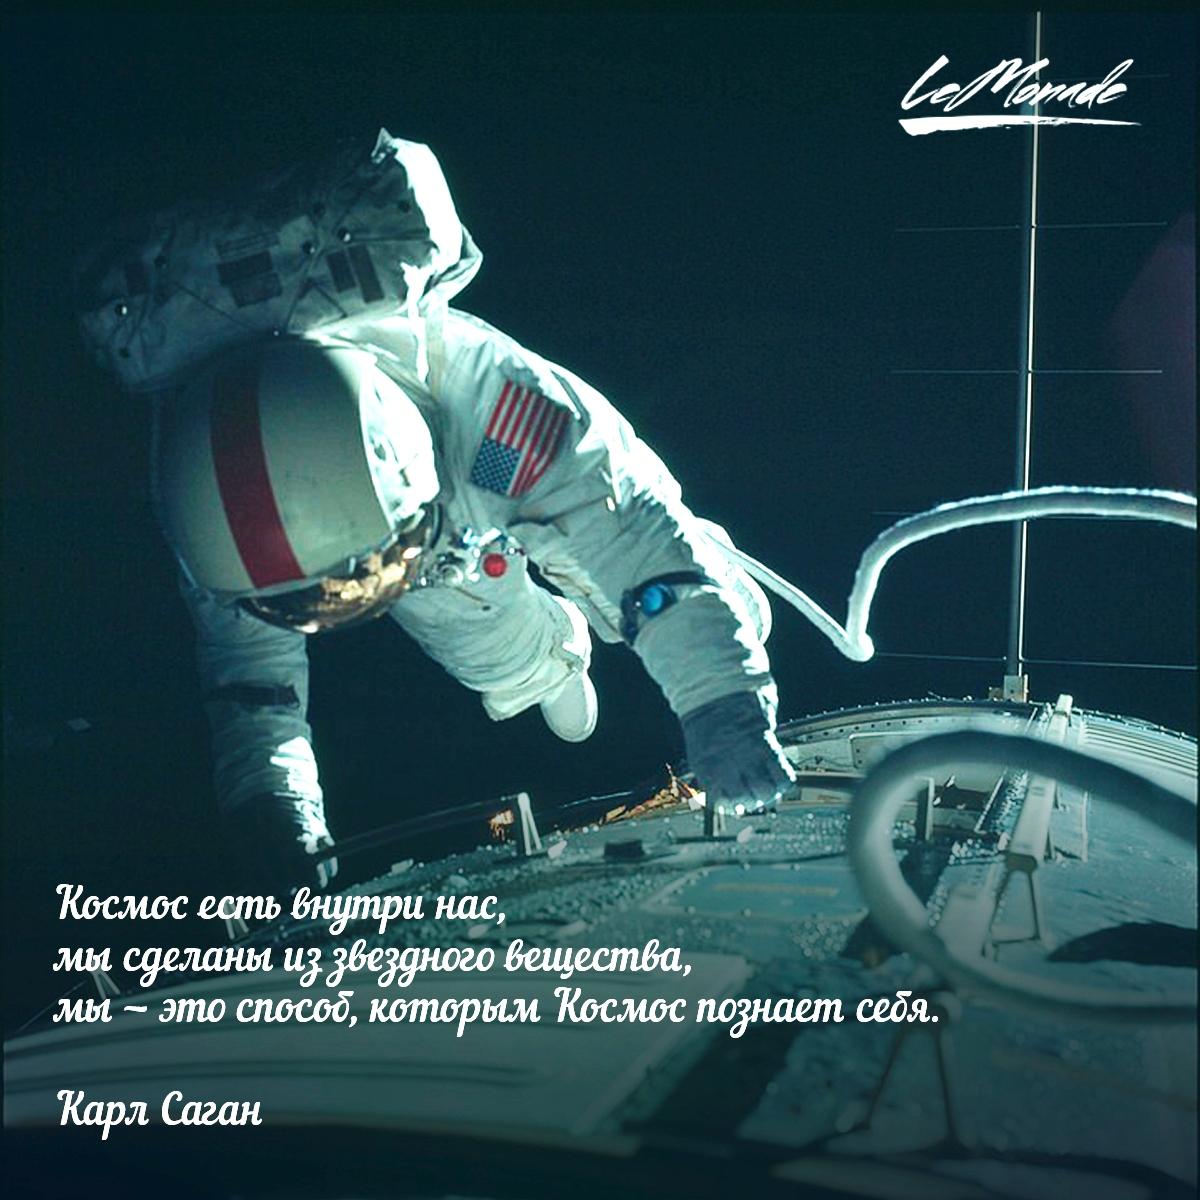 фото космоса с цитатами превратить самого юного